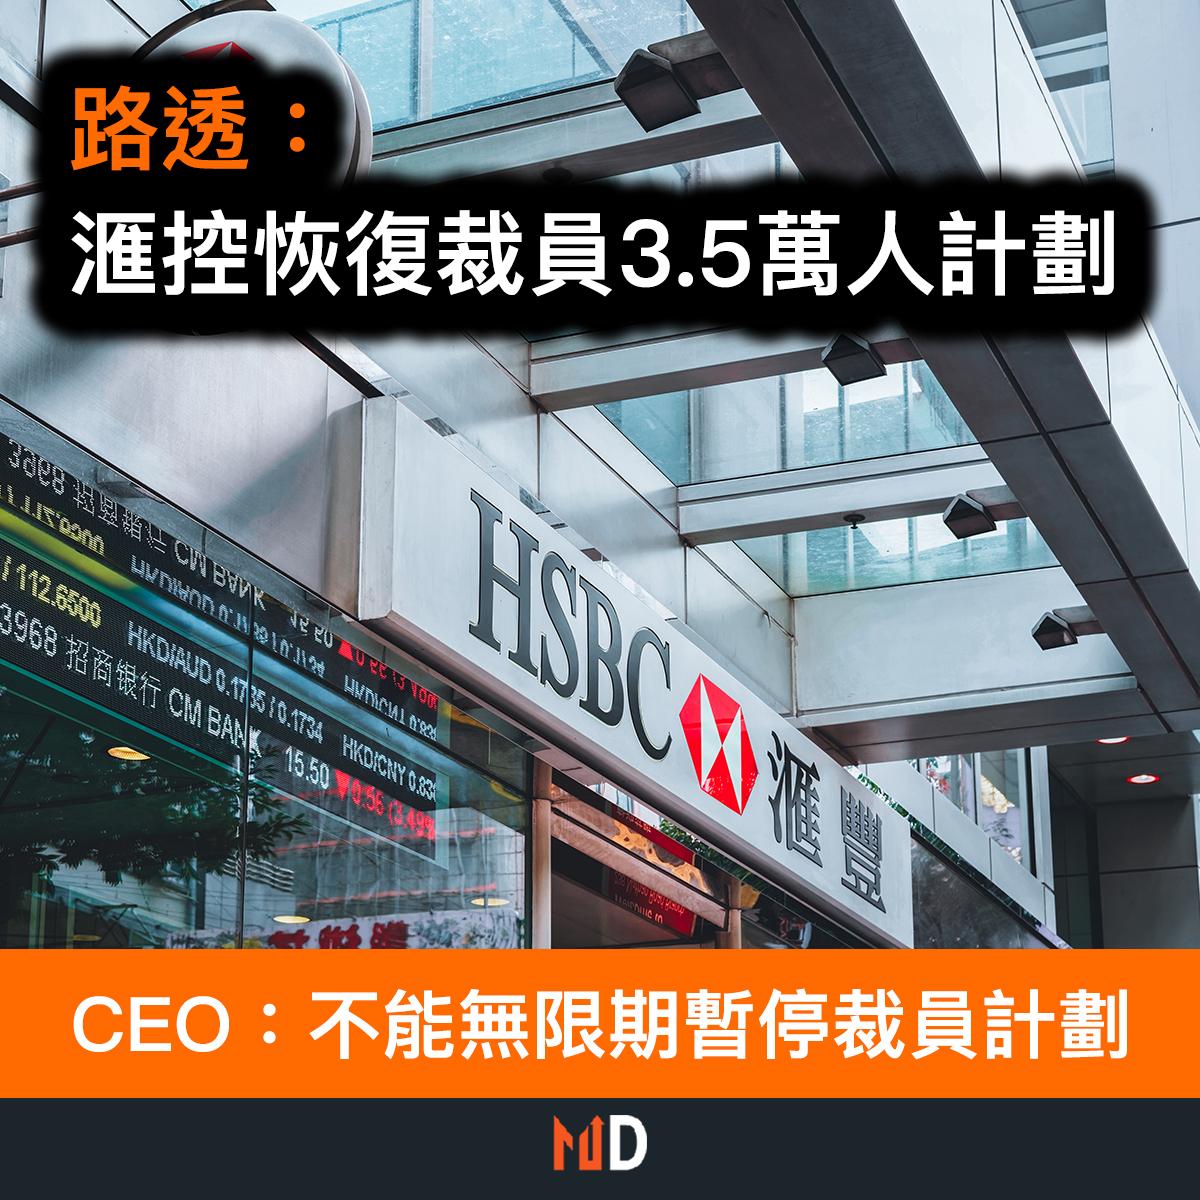 【市場熱話】路透:滙控恢復裁員3.5萬人計劃